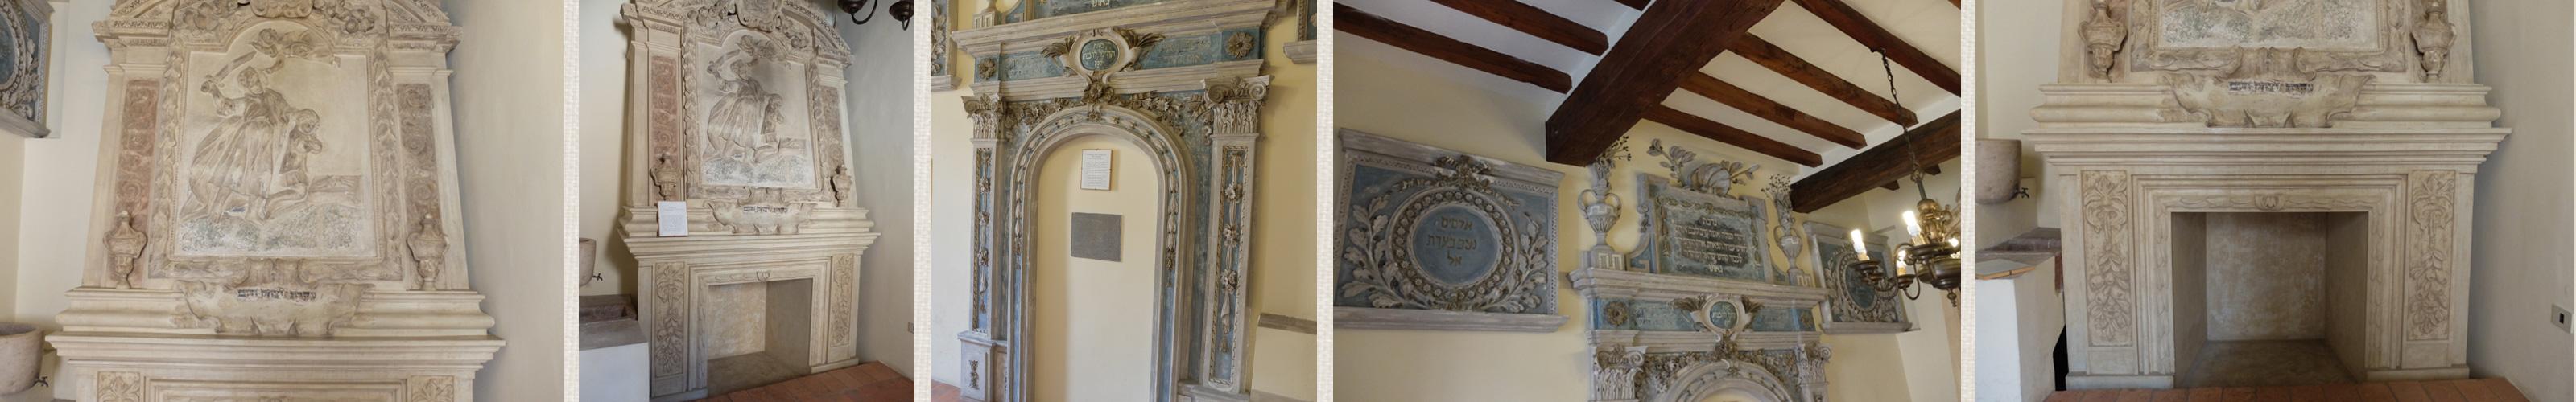 sala delle sinagoghe scomparse 010